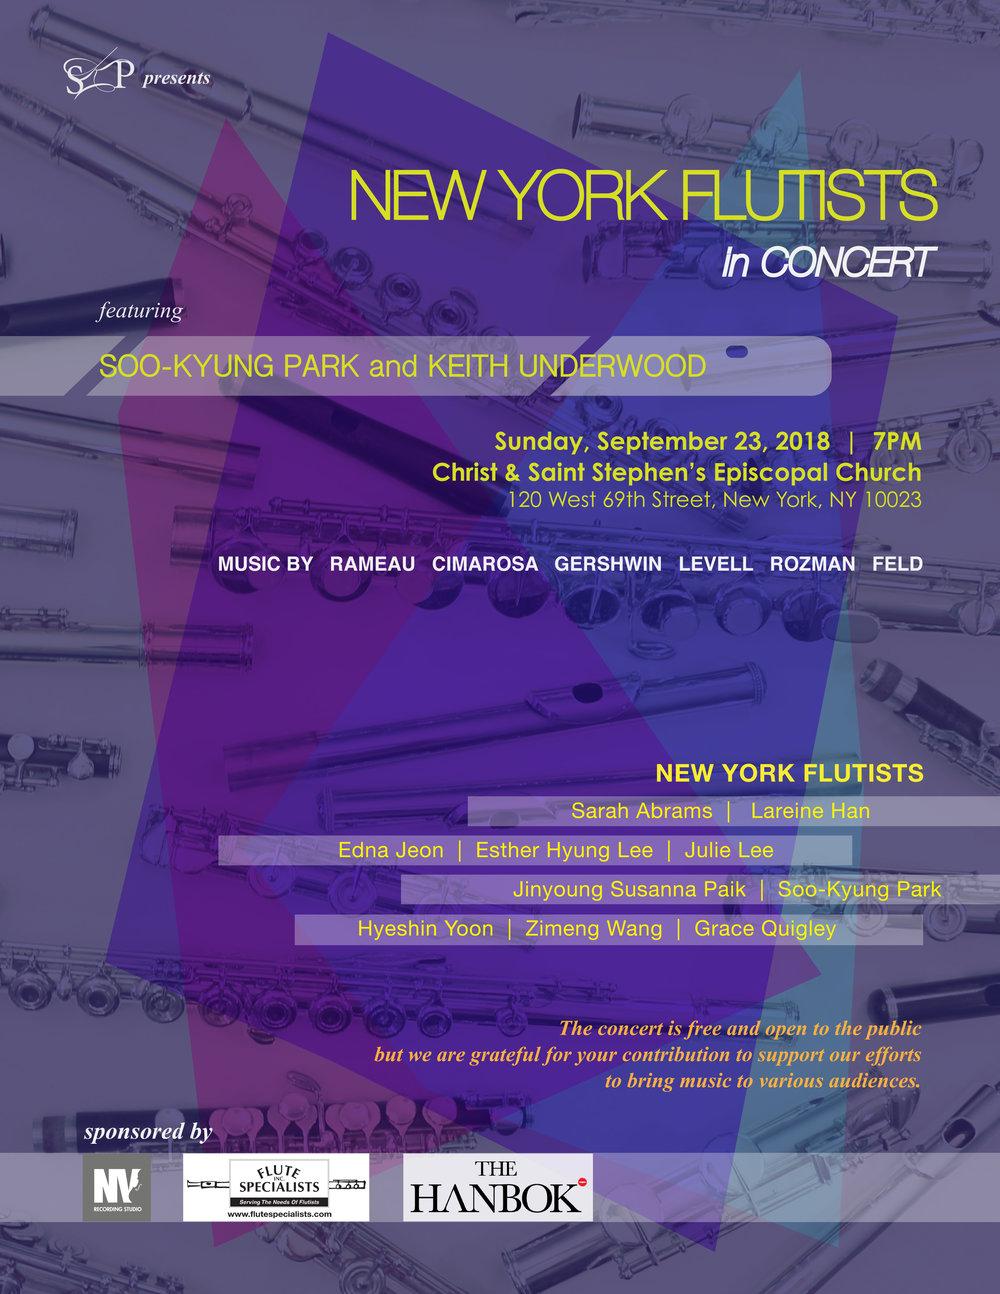 New York Flutists in Concert